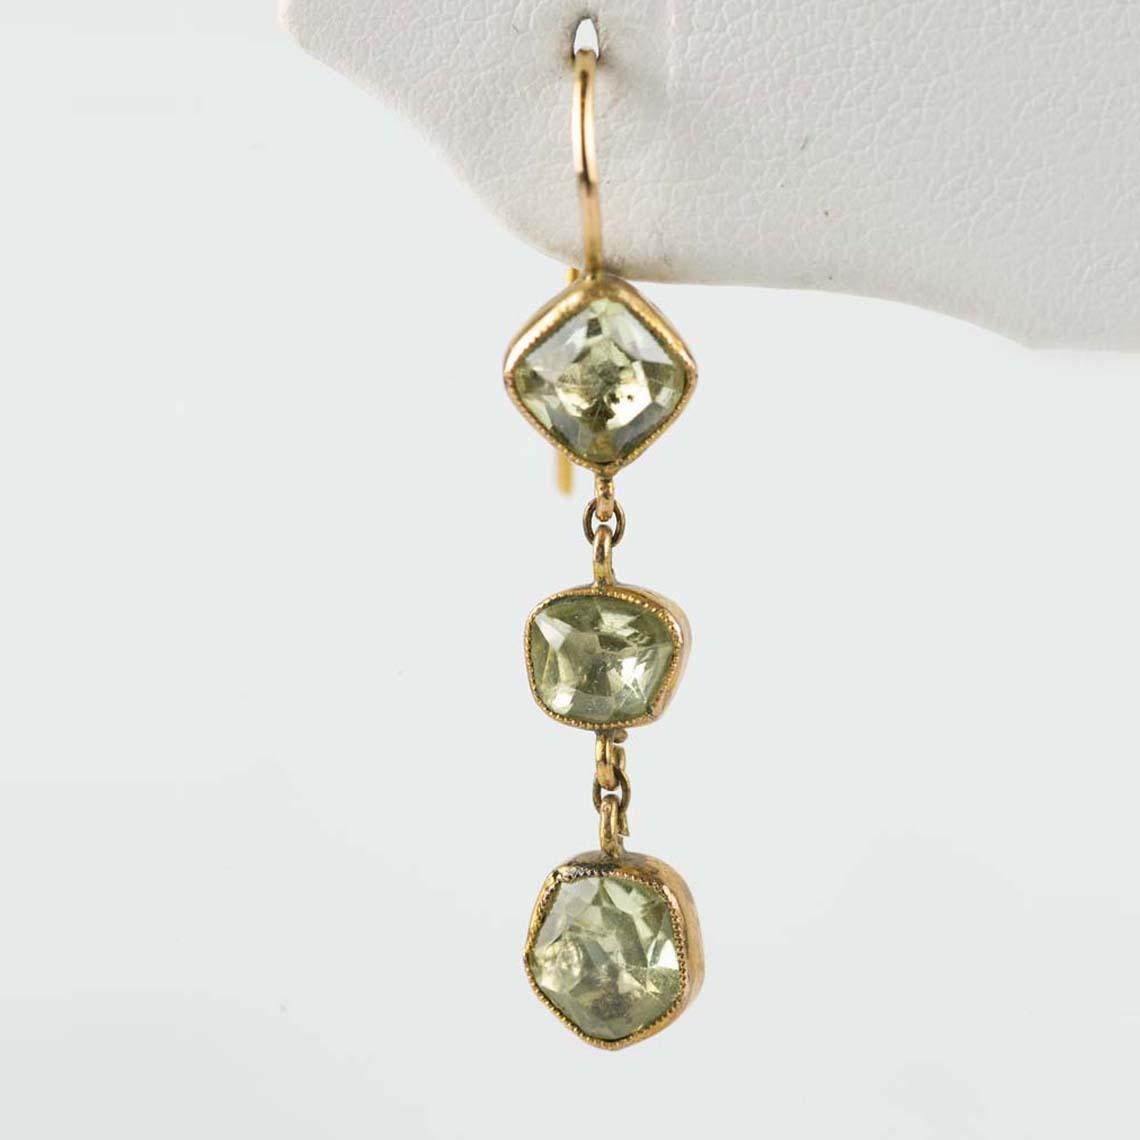 Chrysoberyl earrings